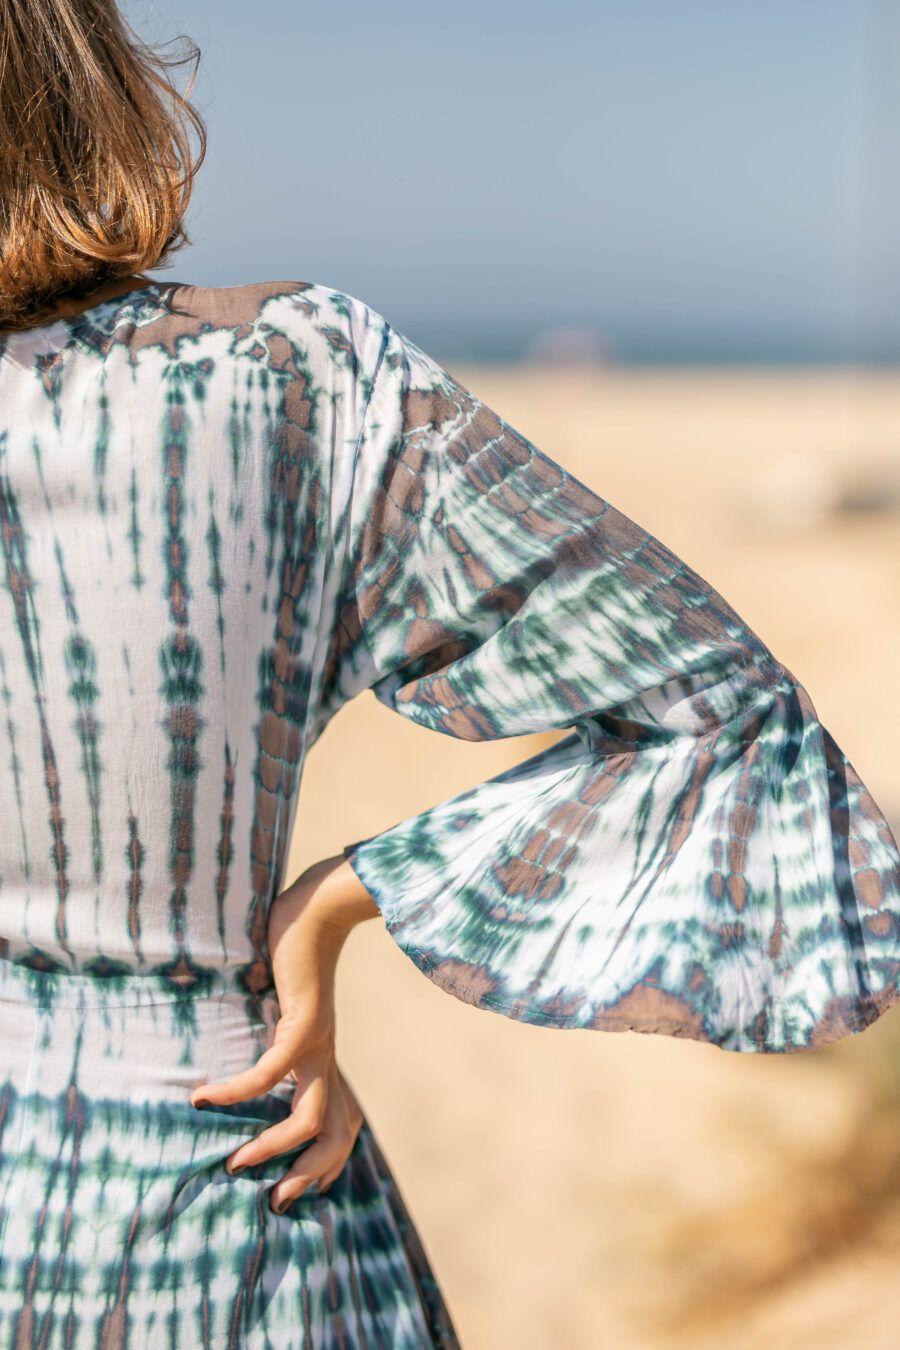 Vestido batik hecho a mano en Bali demanga acampanada.. Vaporoso, más corto por delante que por detrás. Composición: 100% rayón de primera calidad. Talla única. Alabama Shop